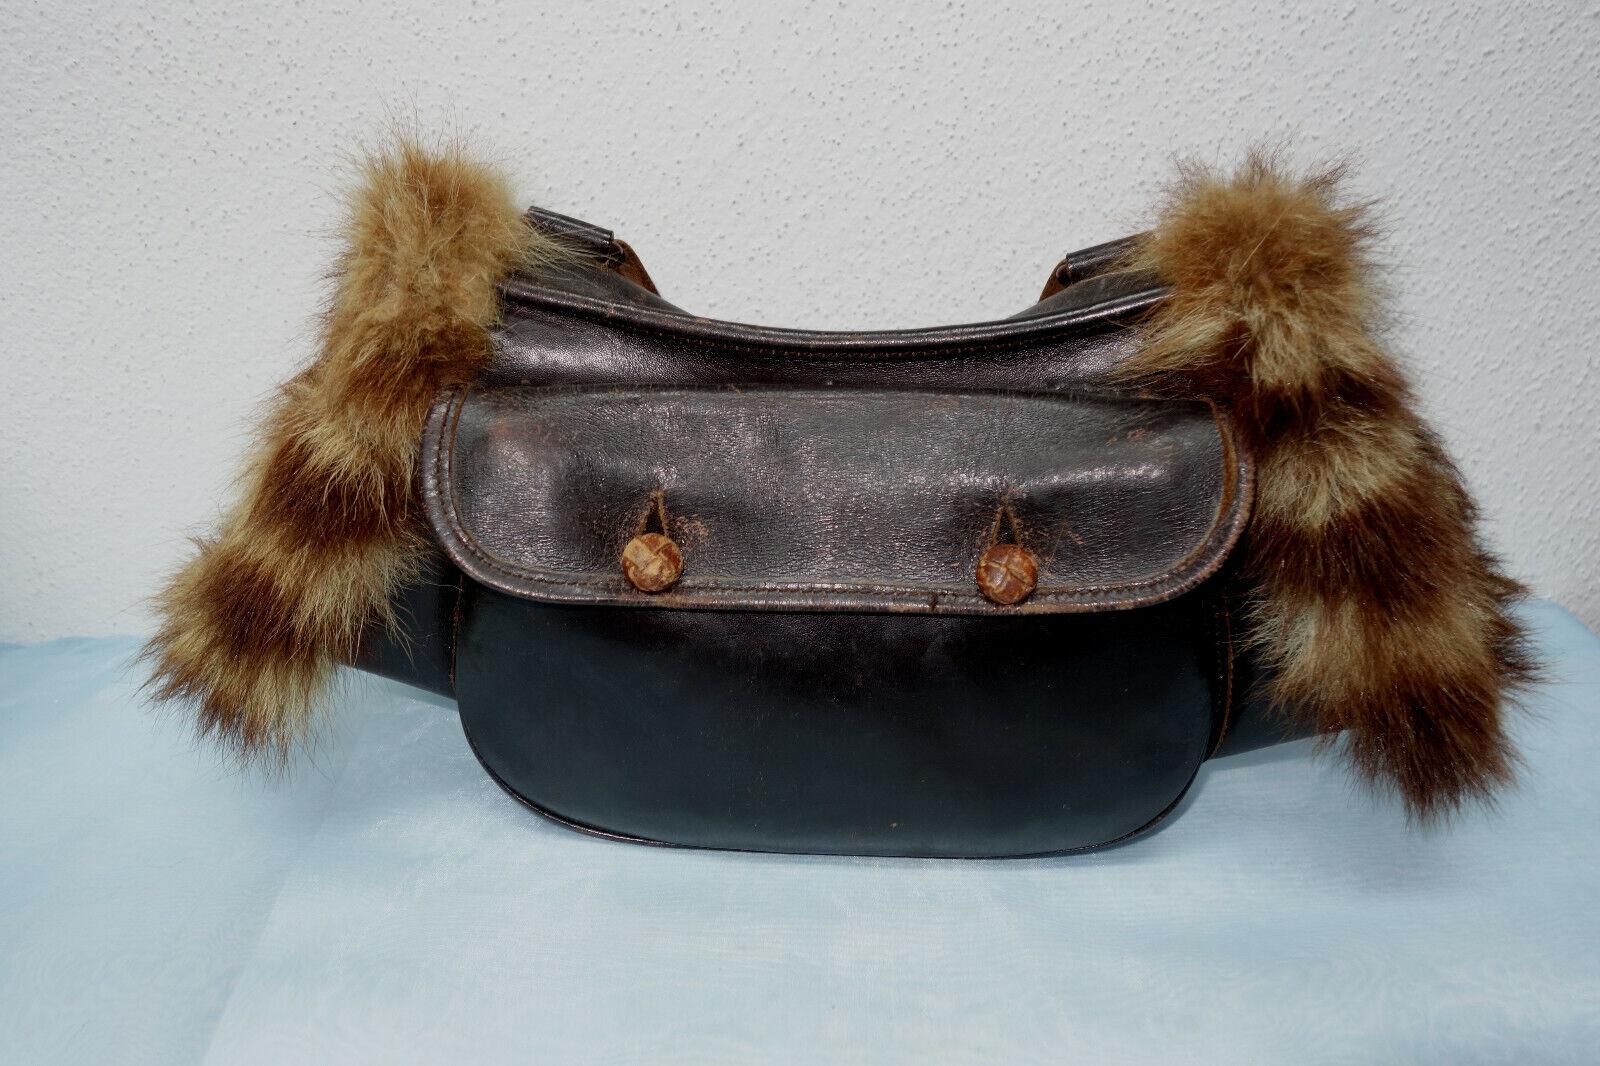 Muff  Jagdtasche mit Hühnergalgen, sehr weiches Leder,Hundepfeife